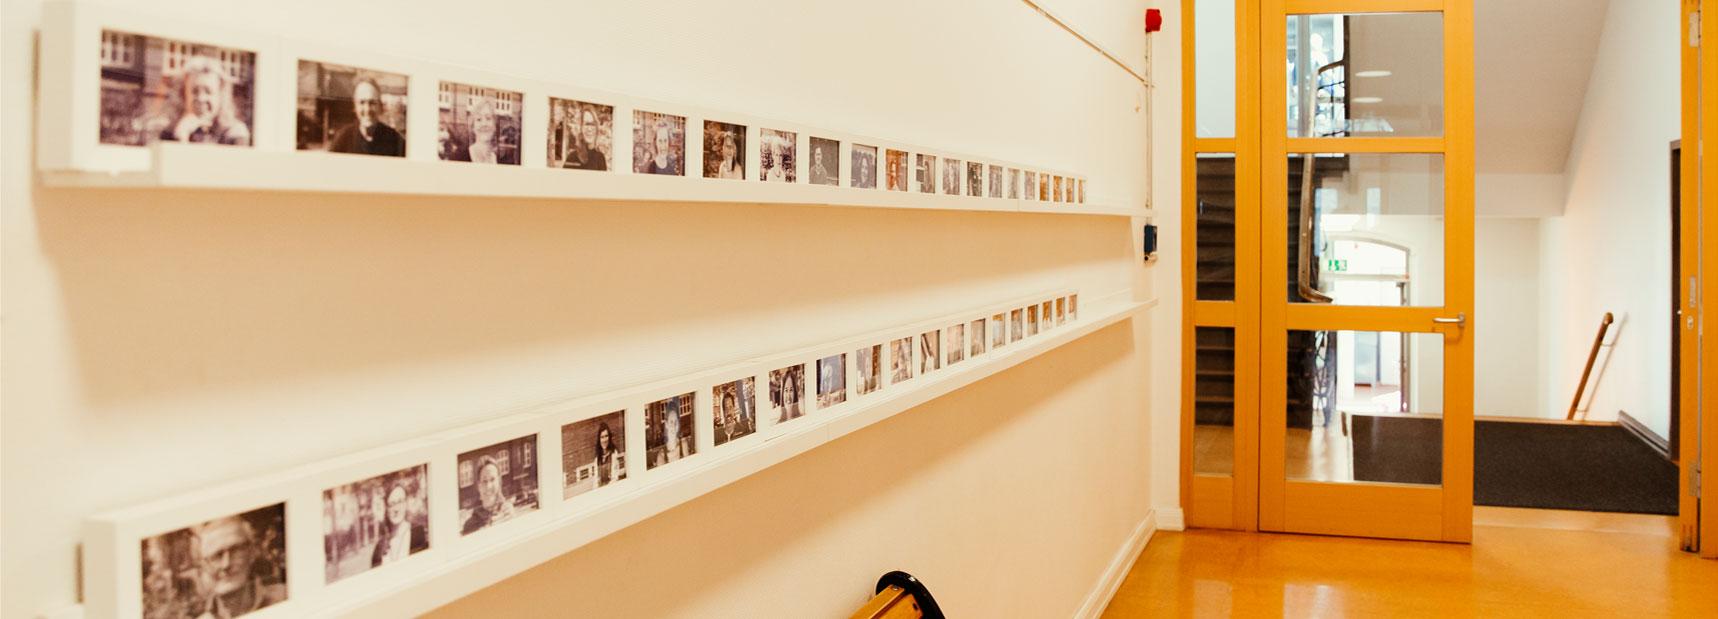 In einem der Schulflure der Schule Rothestraße wurden an der Wand lange Regale angebracht und auf diesen stehen gerahmte Schwarz/Weiß Portraits des ganzen Kollegiums.